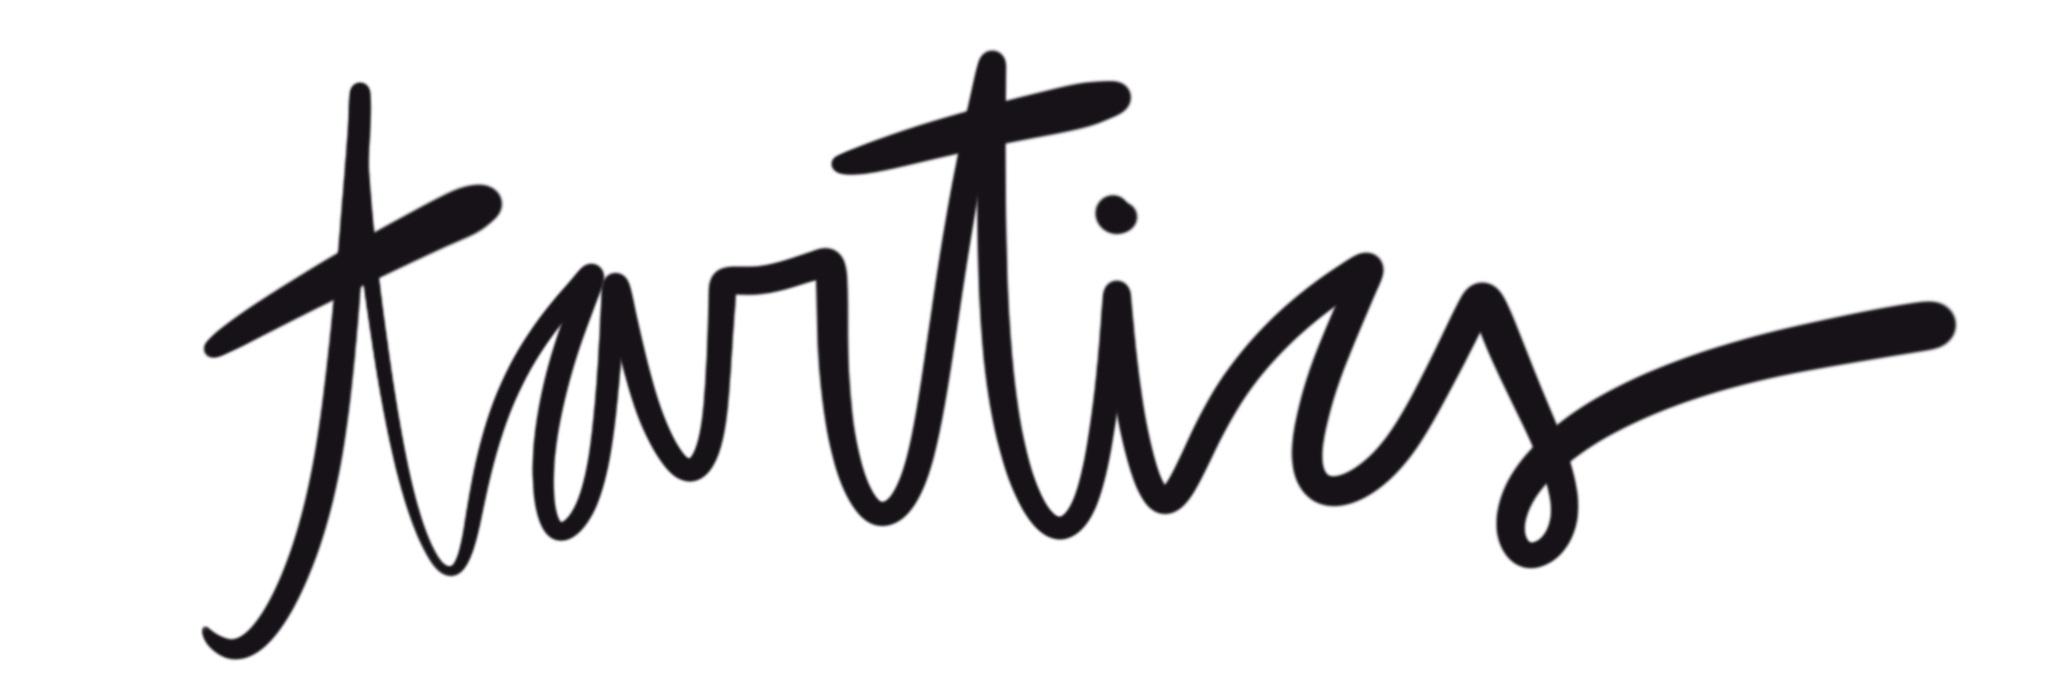 tartics_logo_jpg+copy.jpg